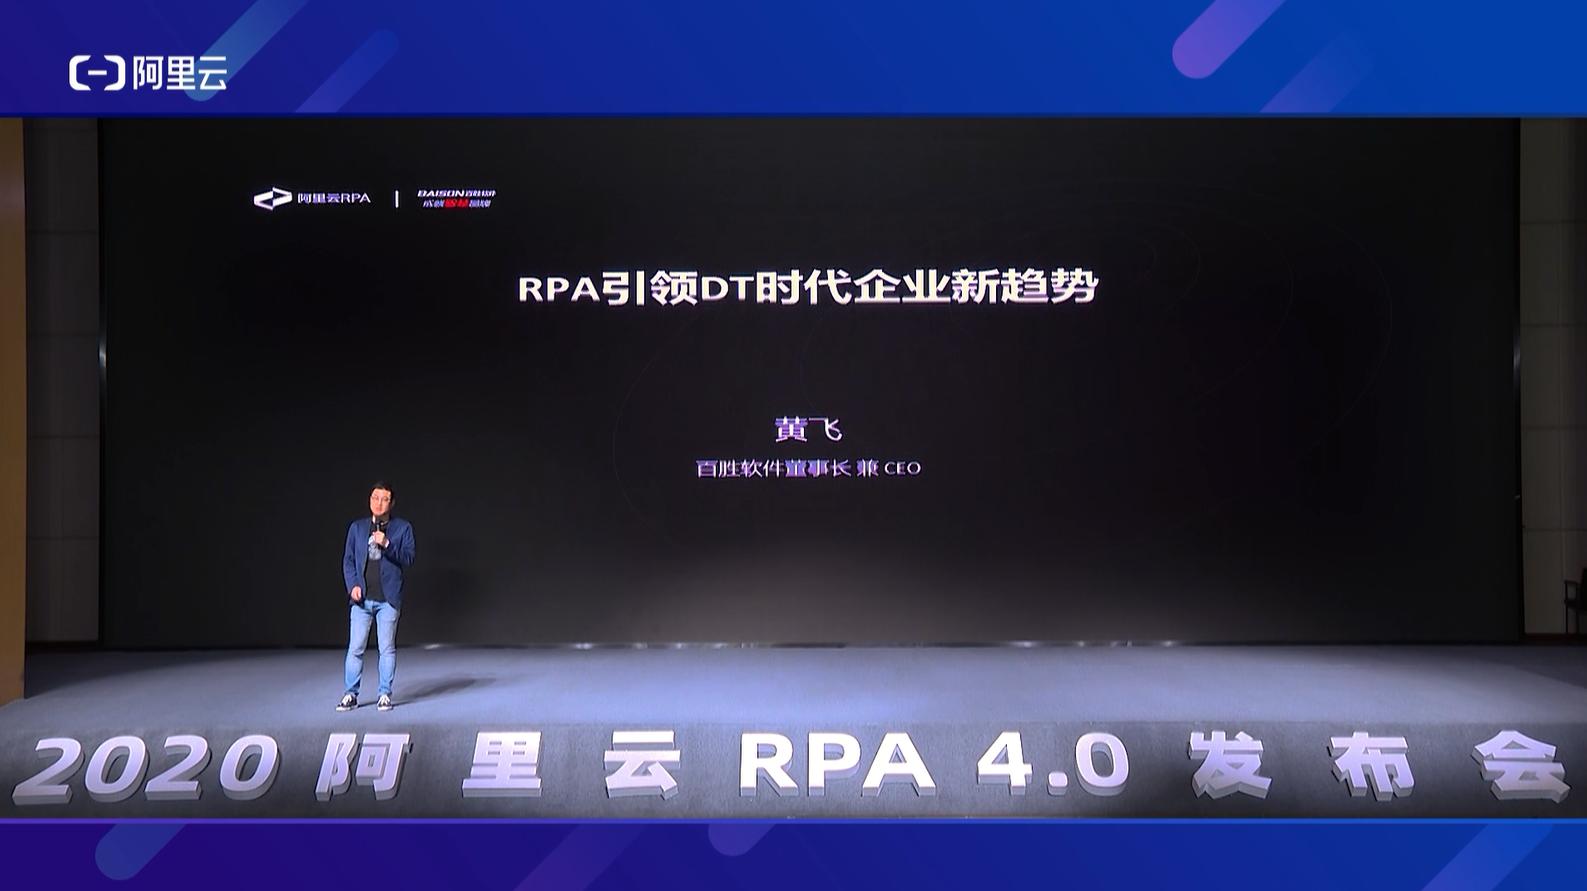 阿里云RPA4.0线上发布会召开,高科技机器人又有新亮点插图(3)